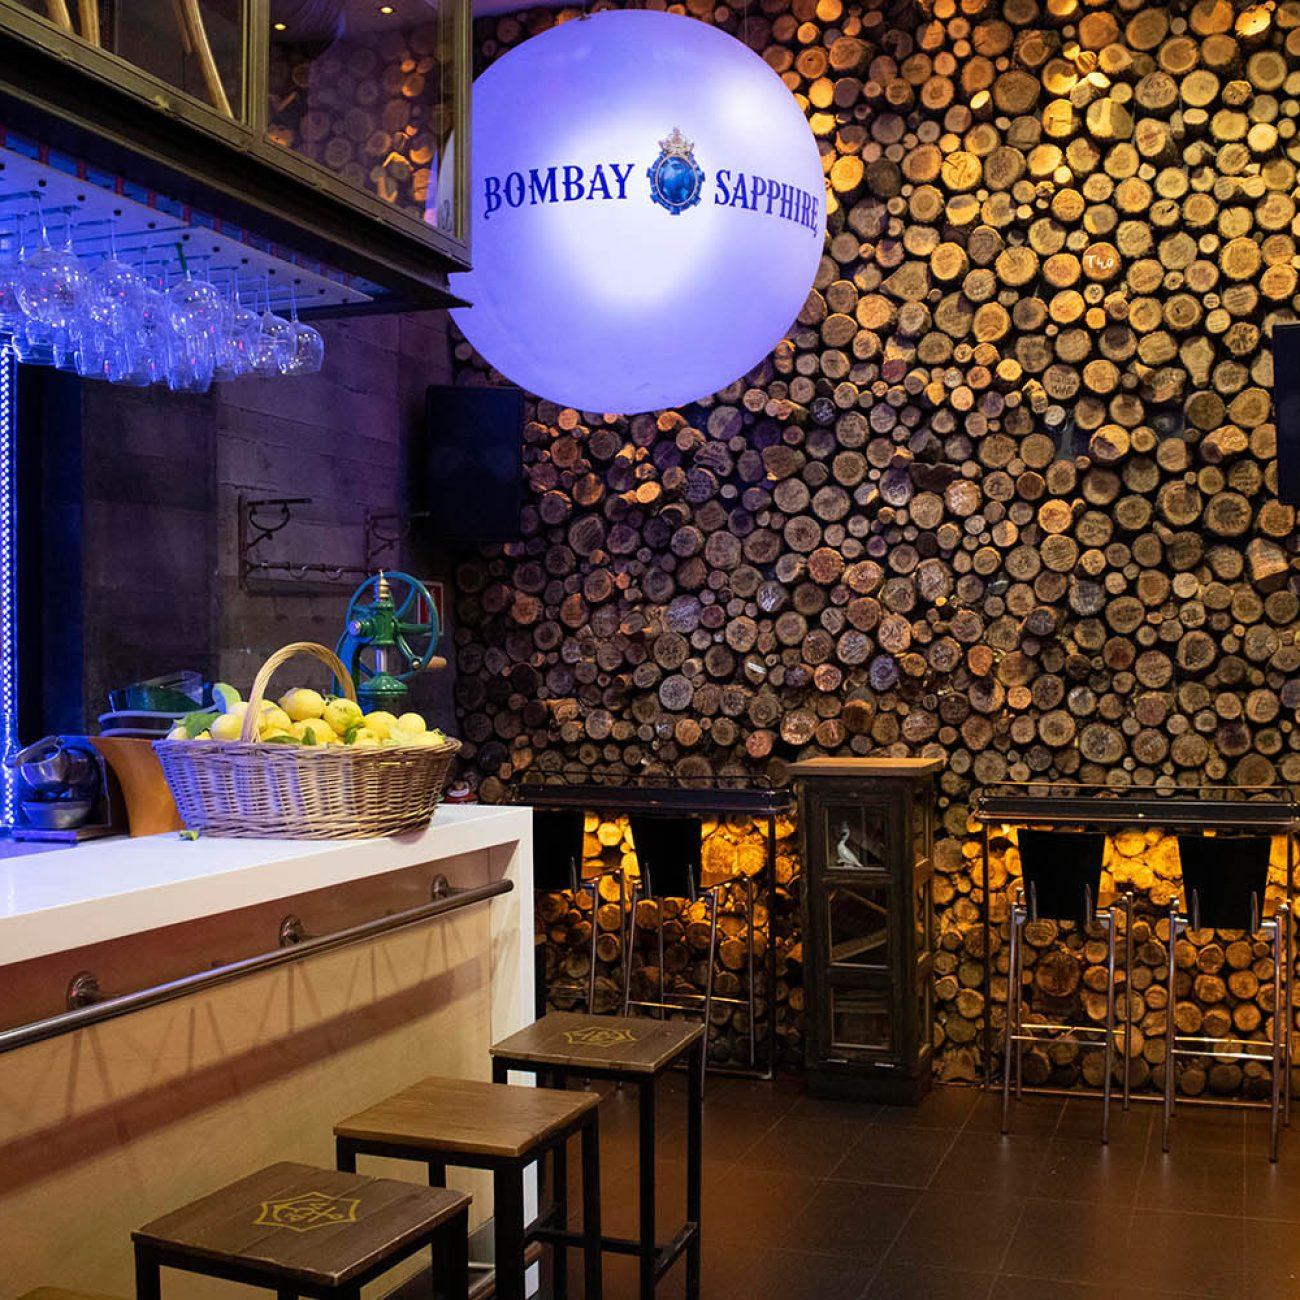 Es un hotel boutique de cinco estrellas en el centro de Bilbao.